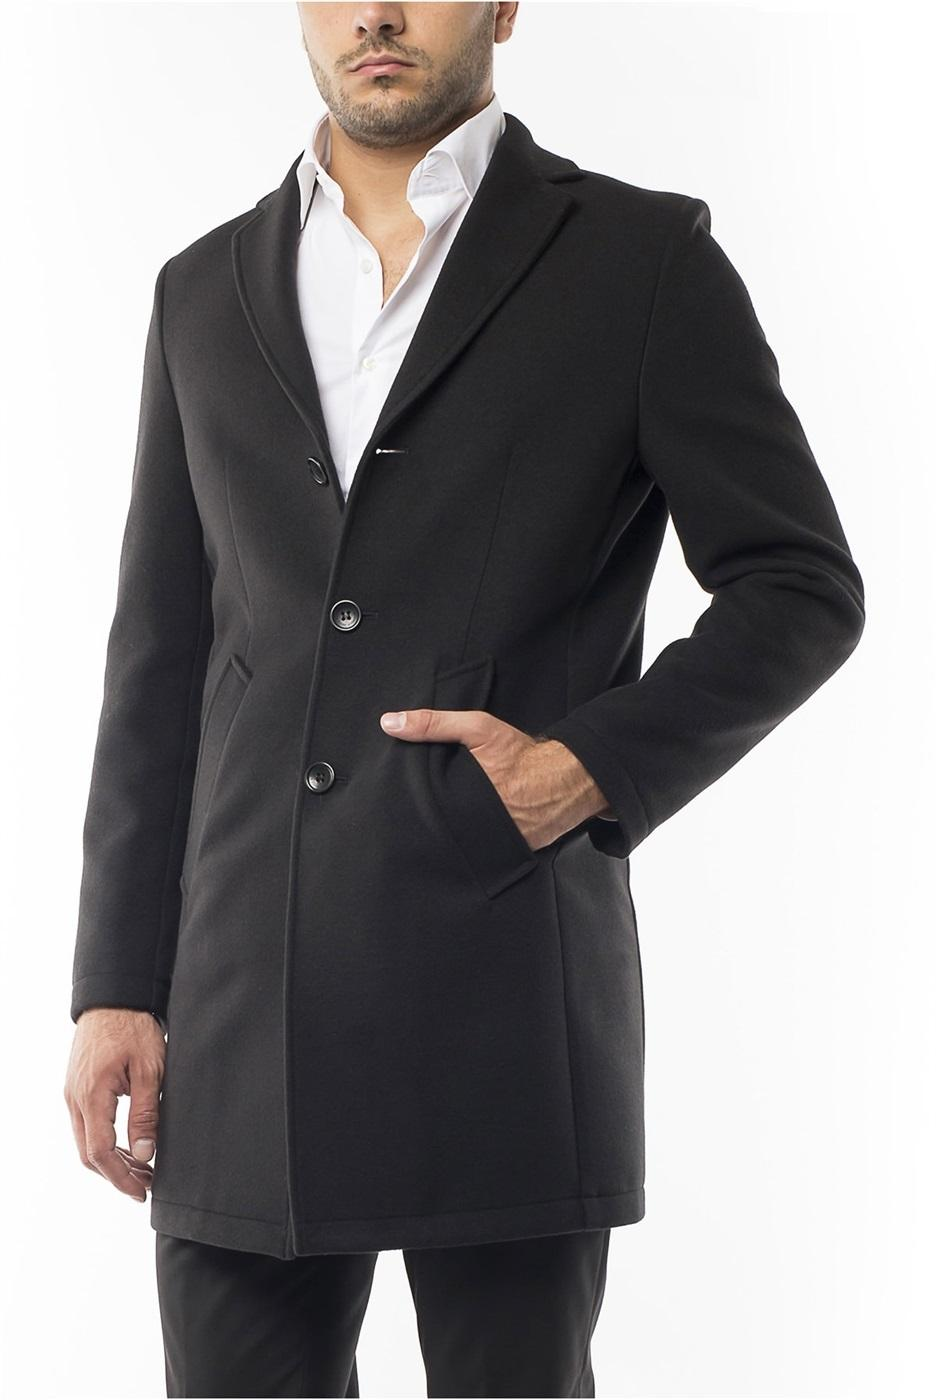 cappotto-daniele-alessandrini-uomo-daniele-alessandrini-cod-t444n7873806